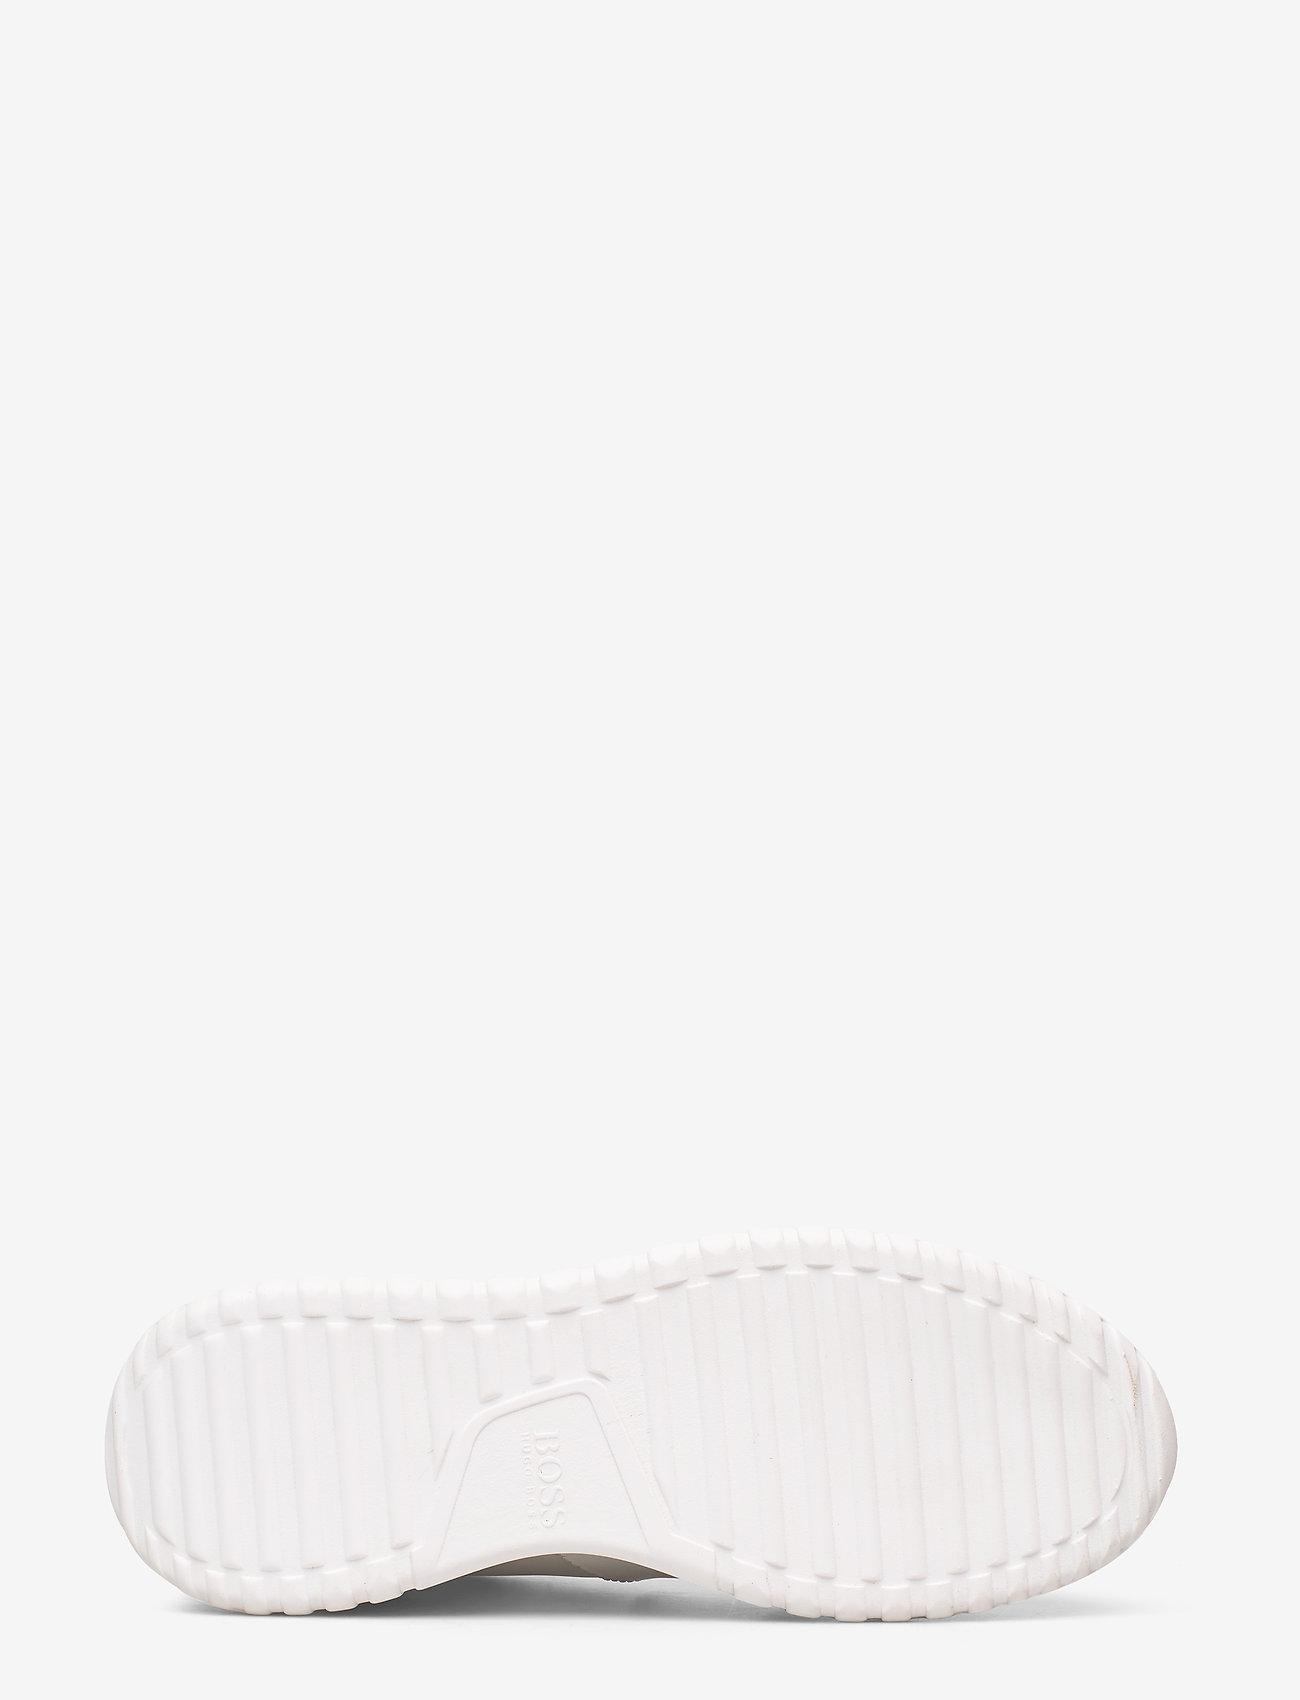 Allen-c (White) - BOSS